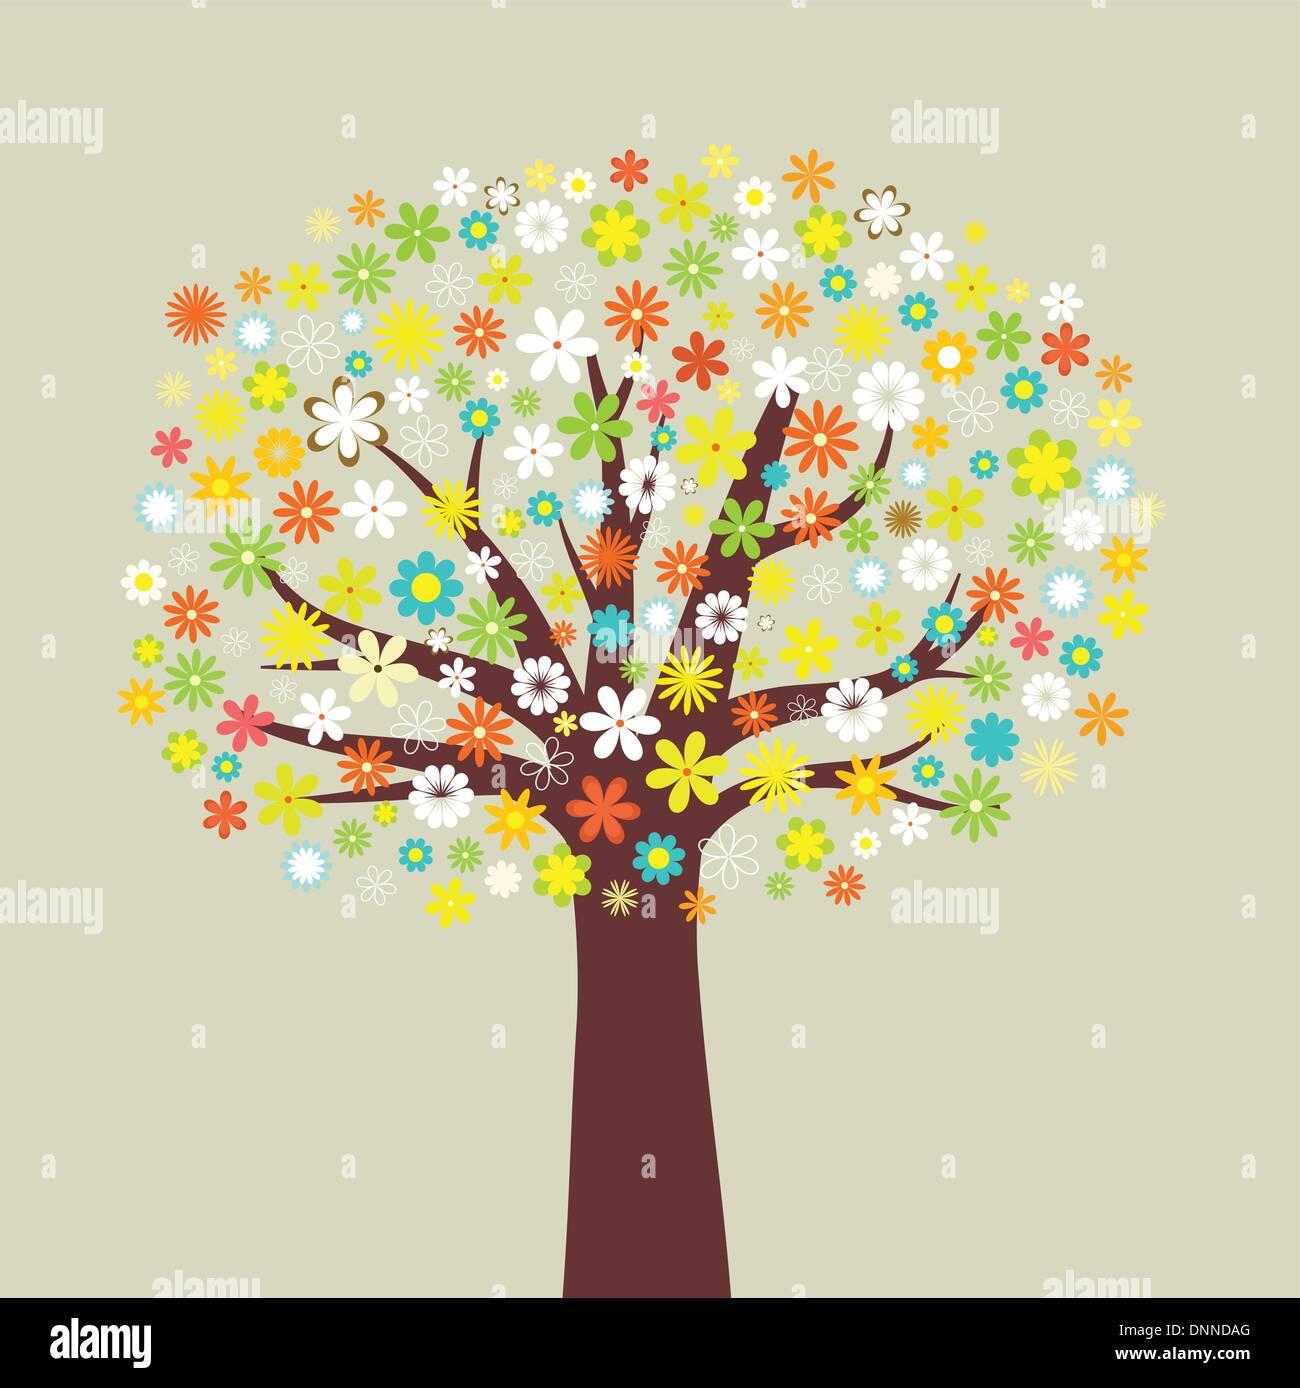 Abbildung eines Baumes viele Blumen Stockbild